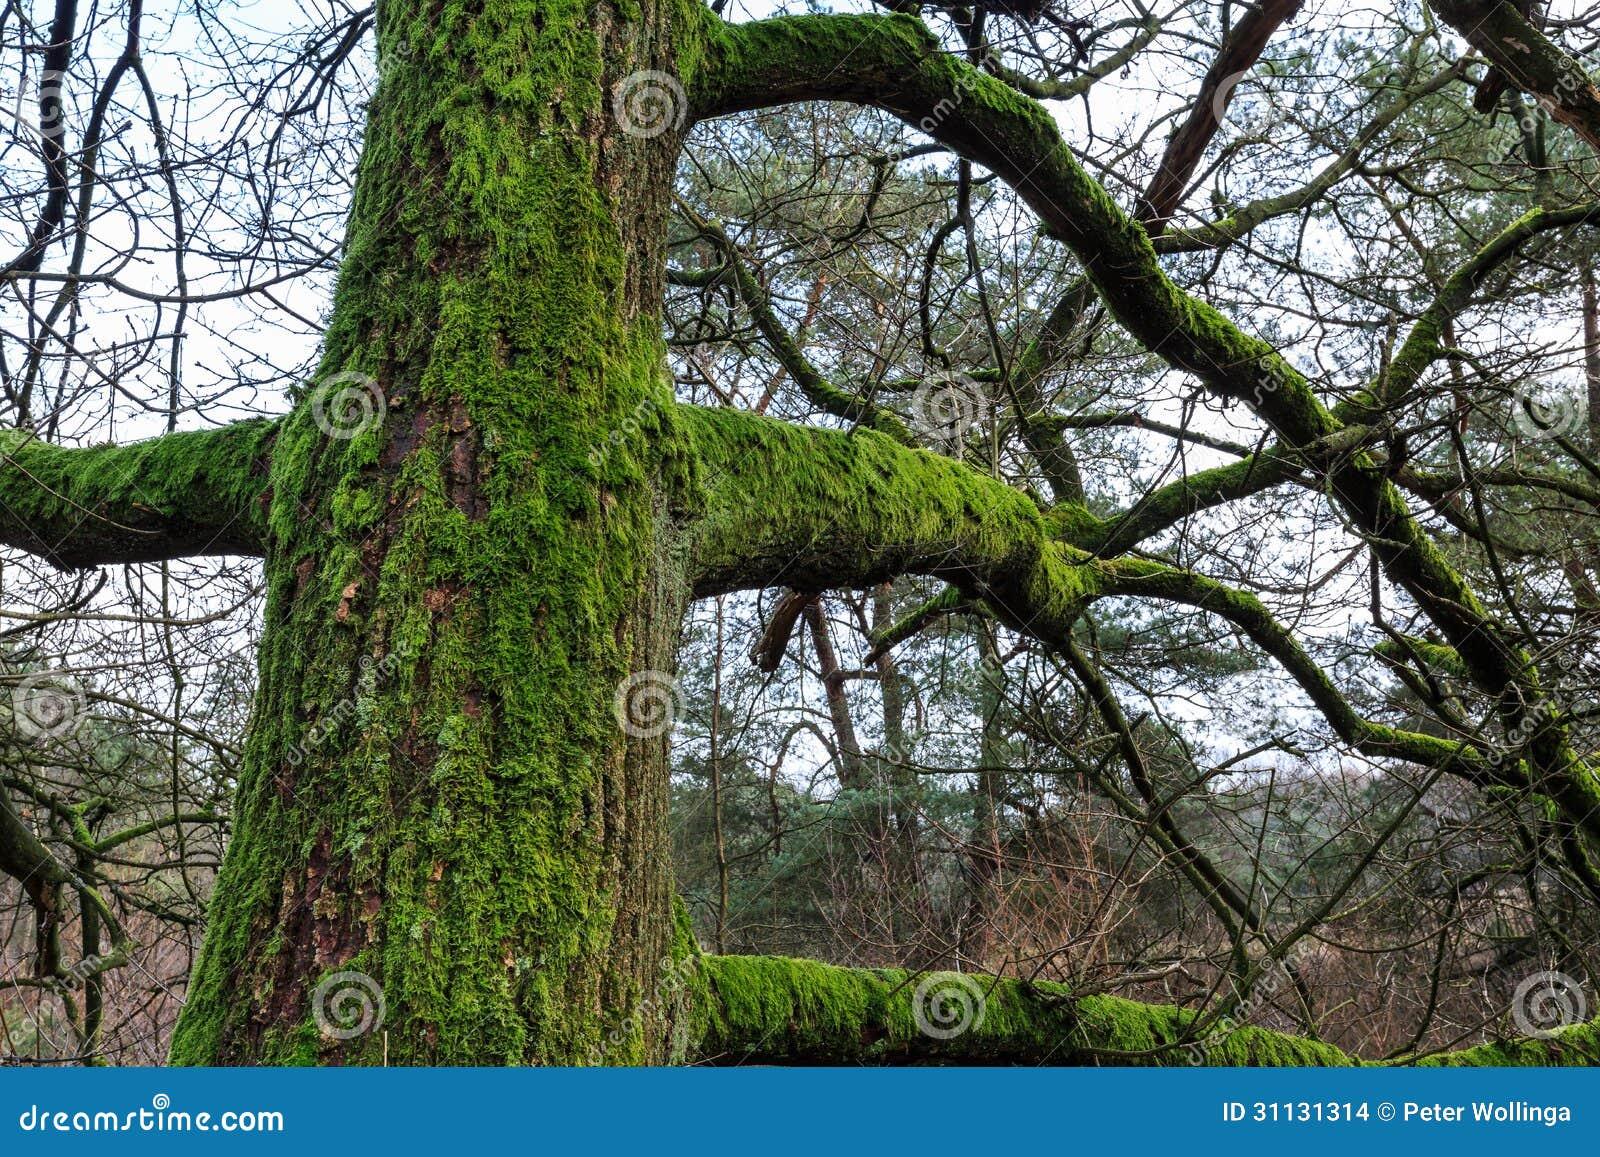 Tronco di albero con muschio in una foresta immagini stock for Tronco albero arredamento